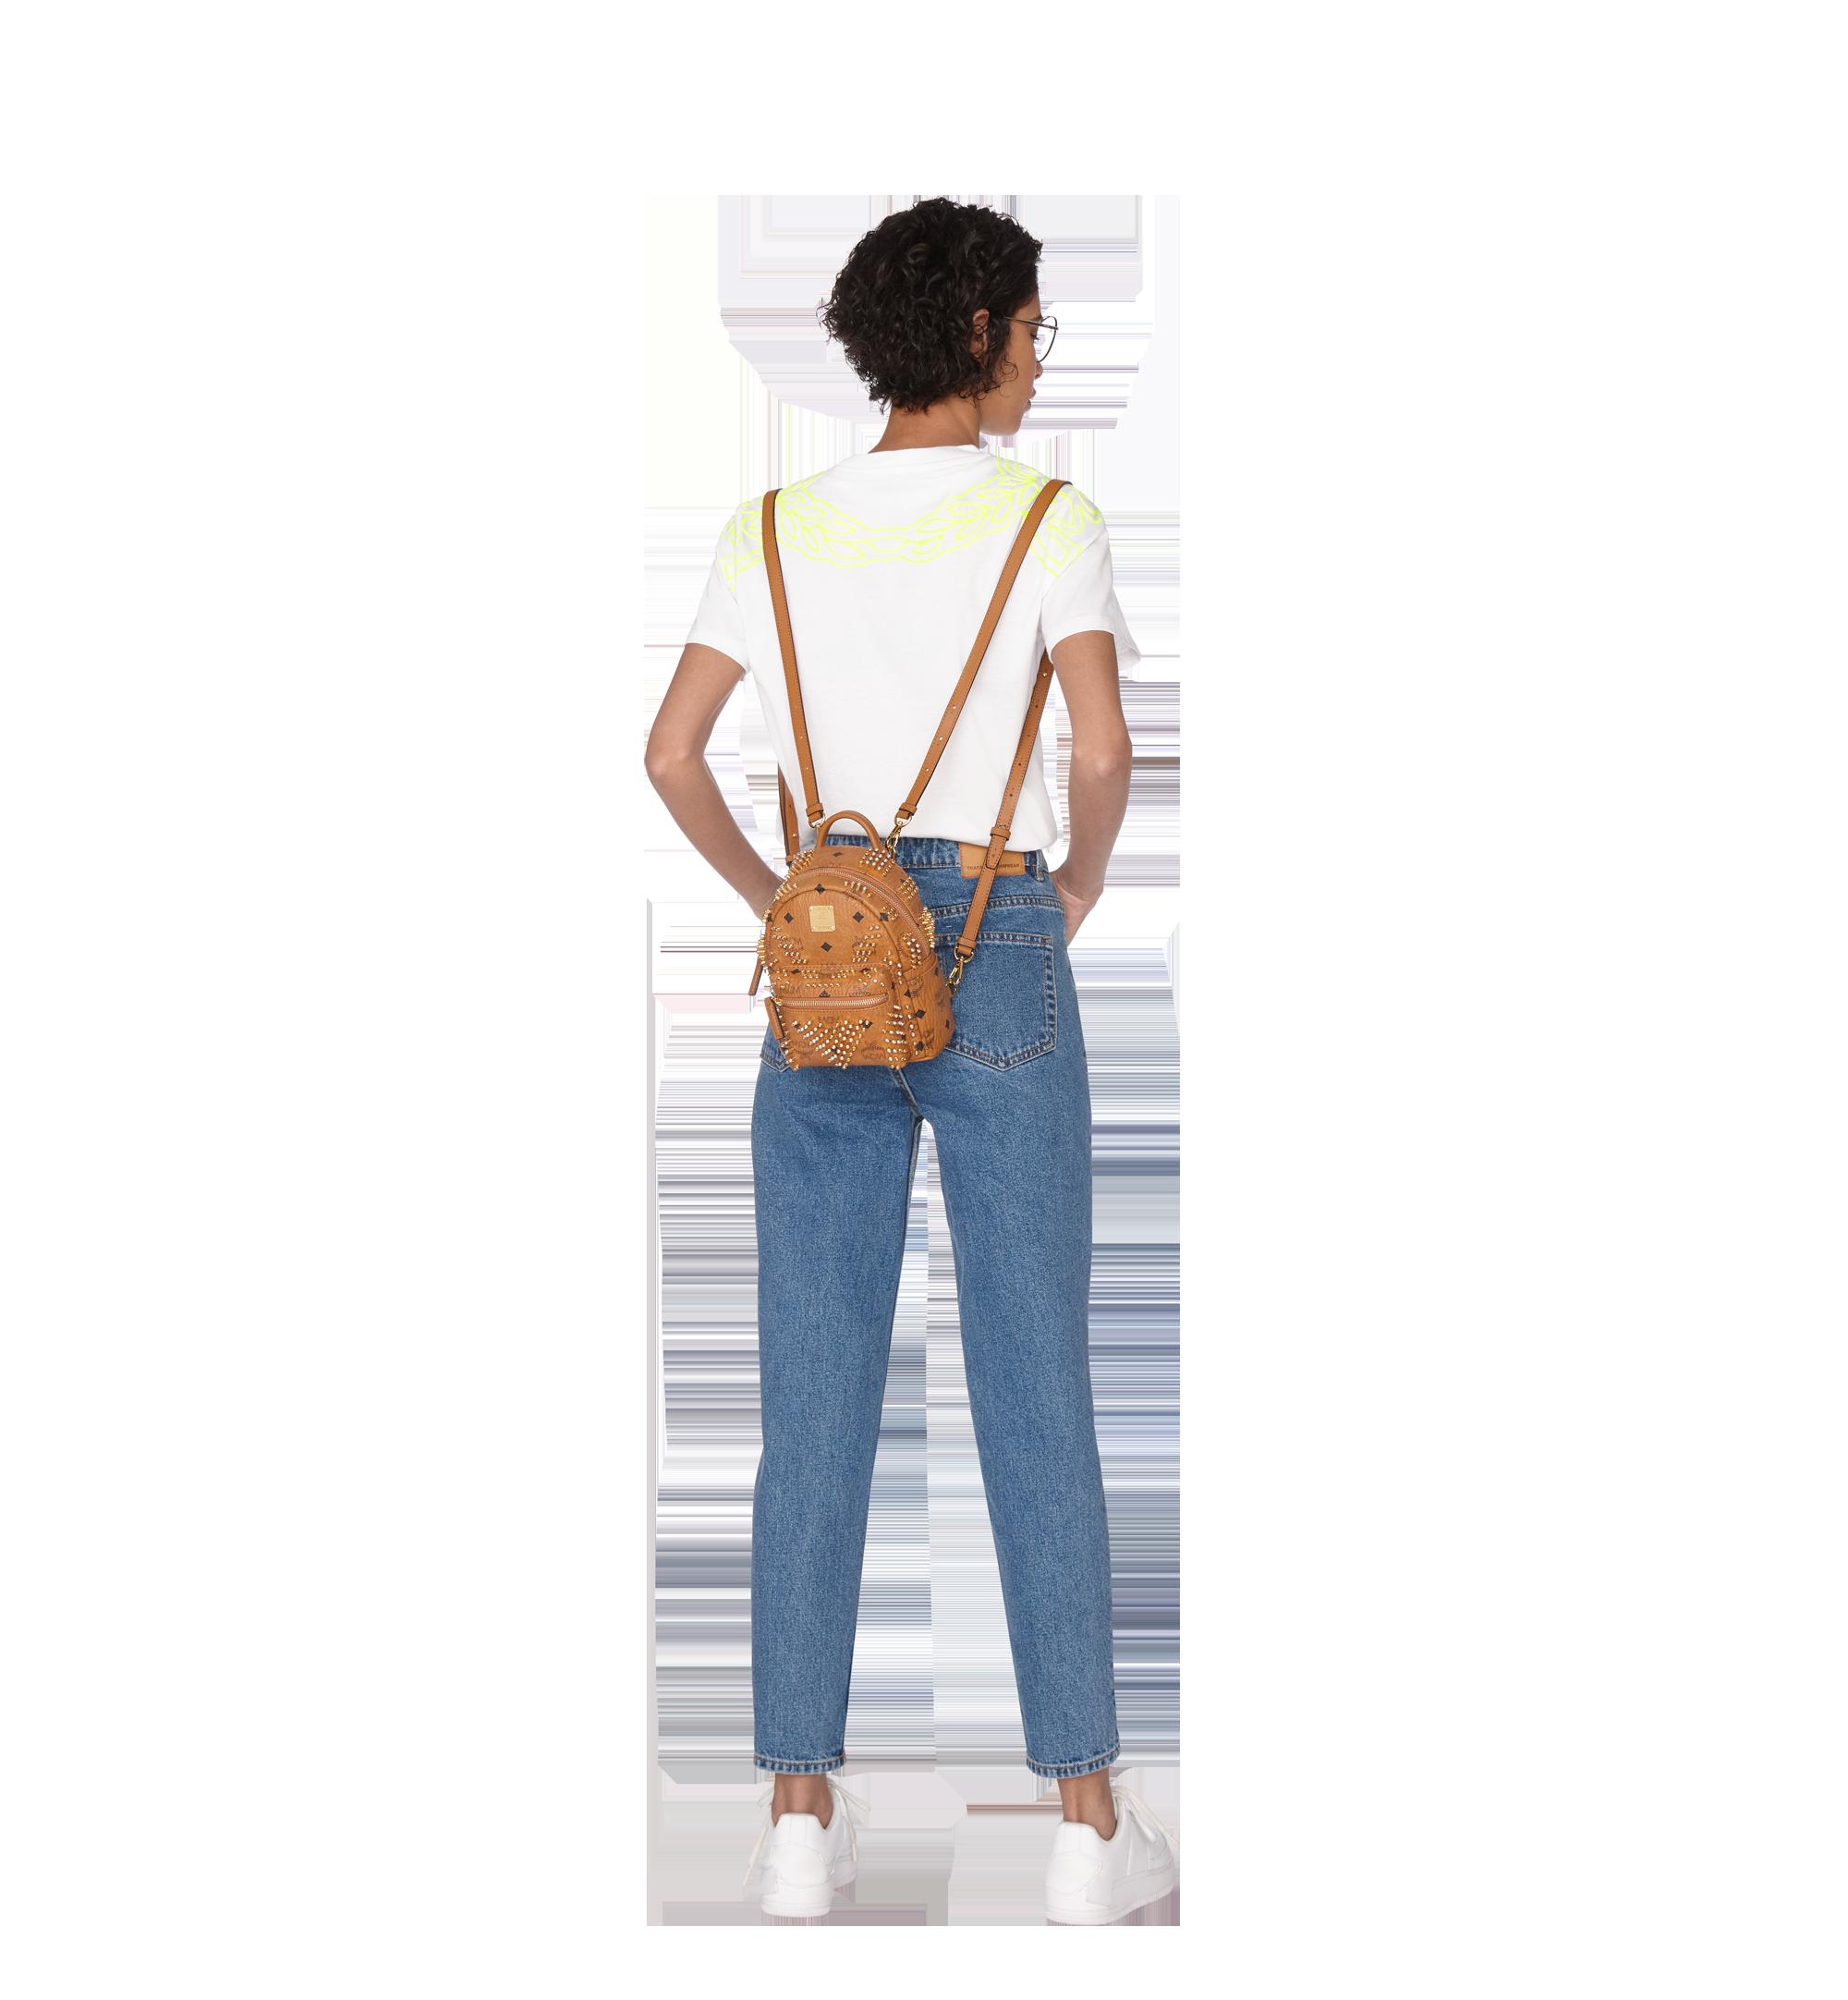 20 cm 8 in Stark Bebe Boo Backpack in Graded M Studs